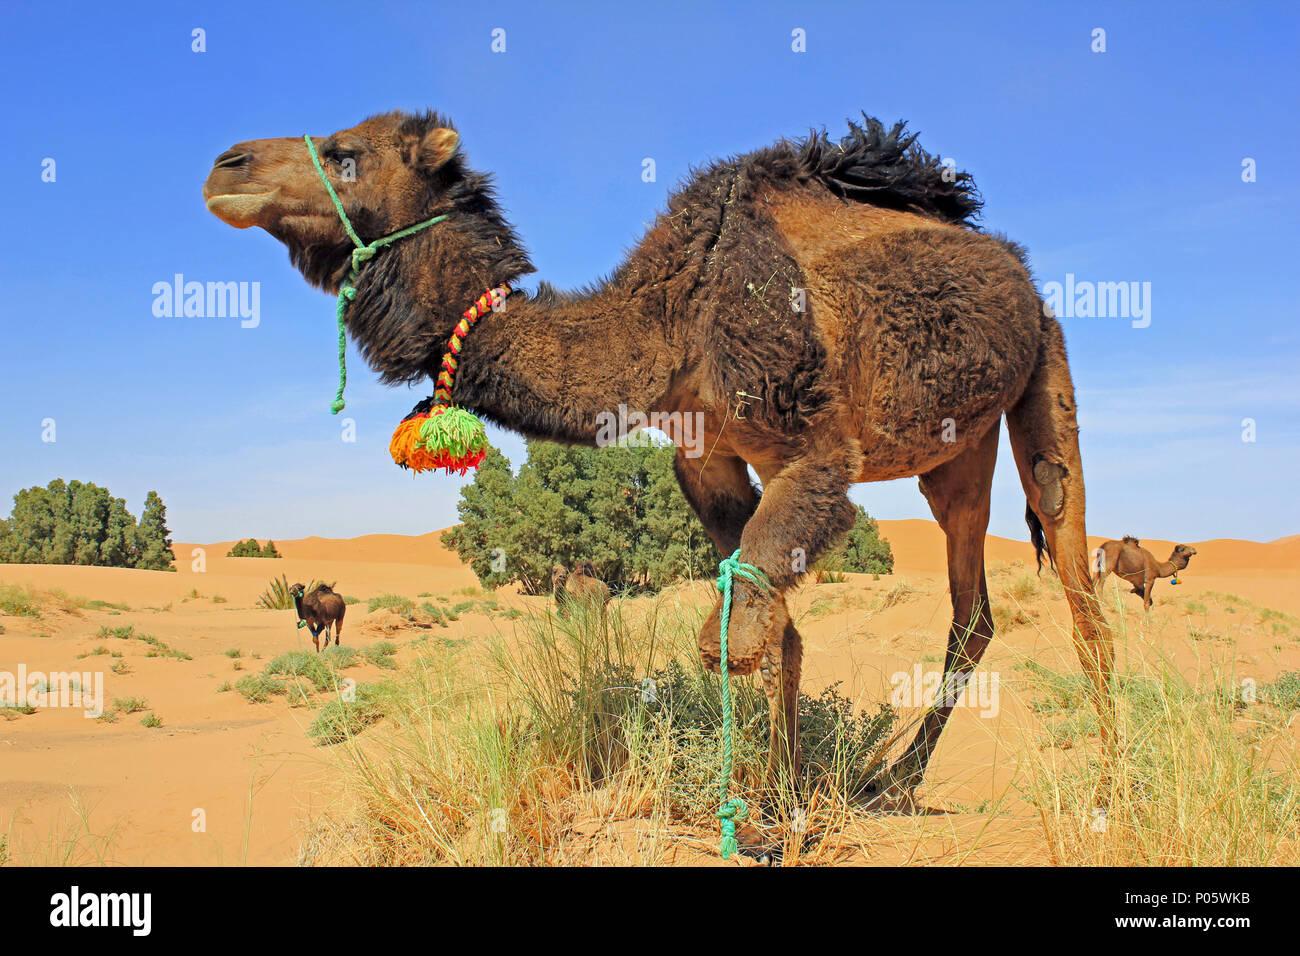 Los camellos en el desierto de Sahara, Merzouga, Marruecos Imagen De Stock